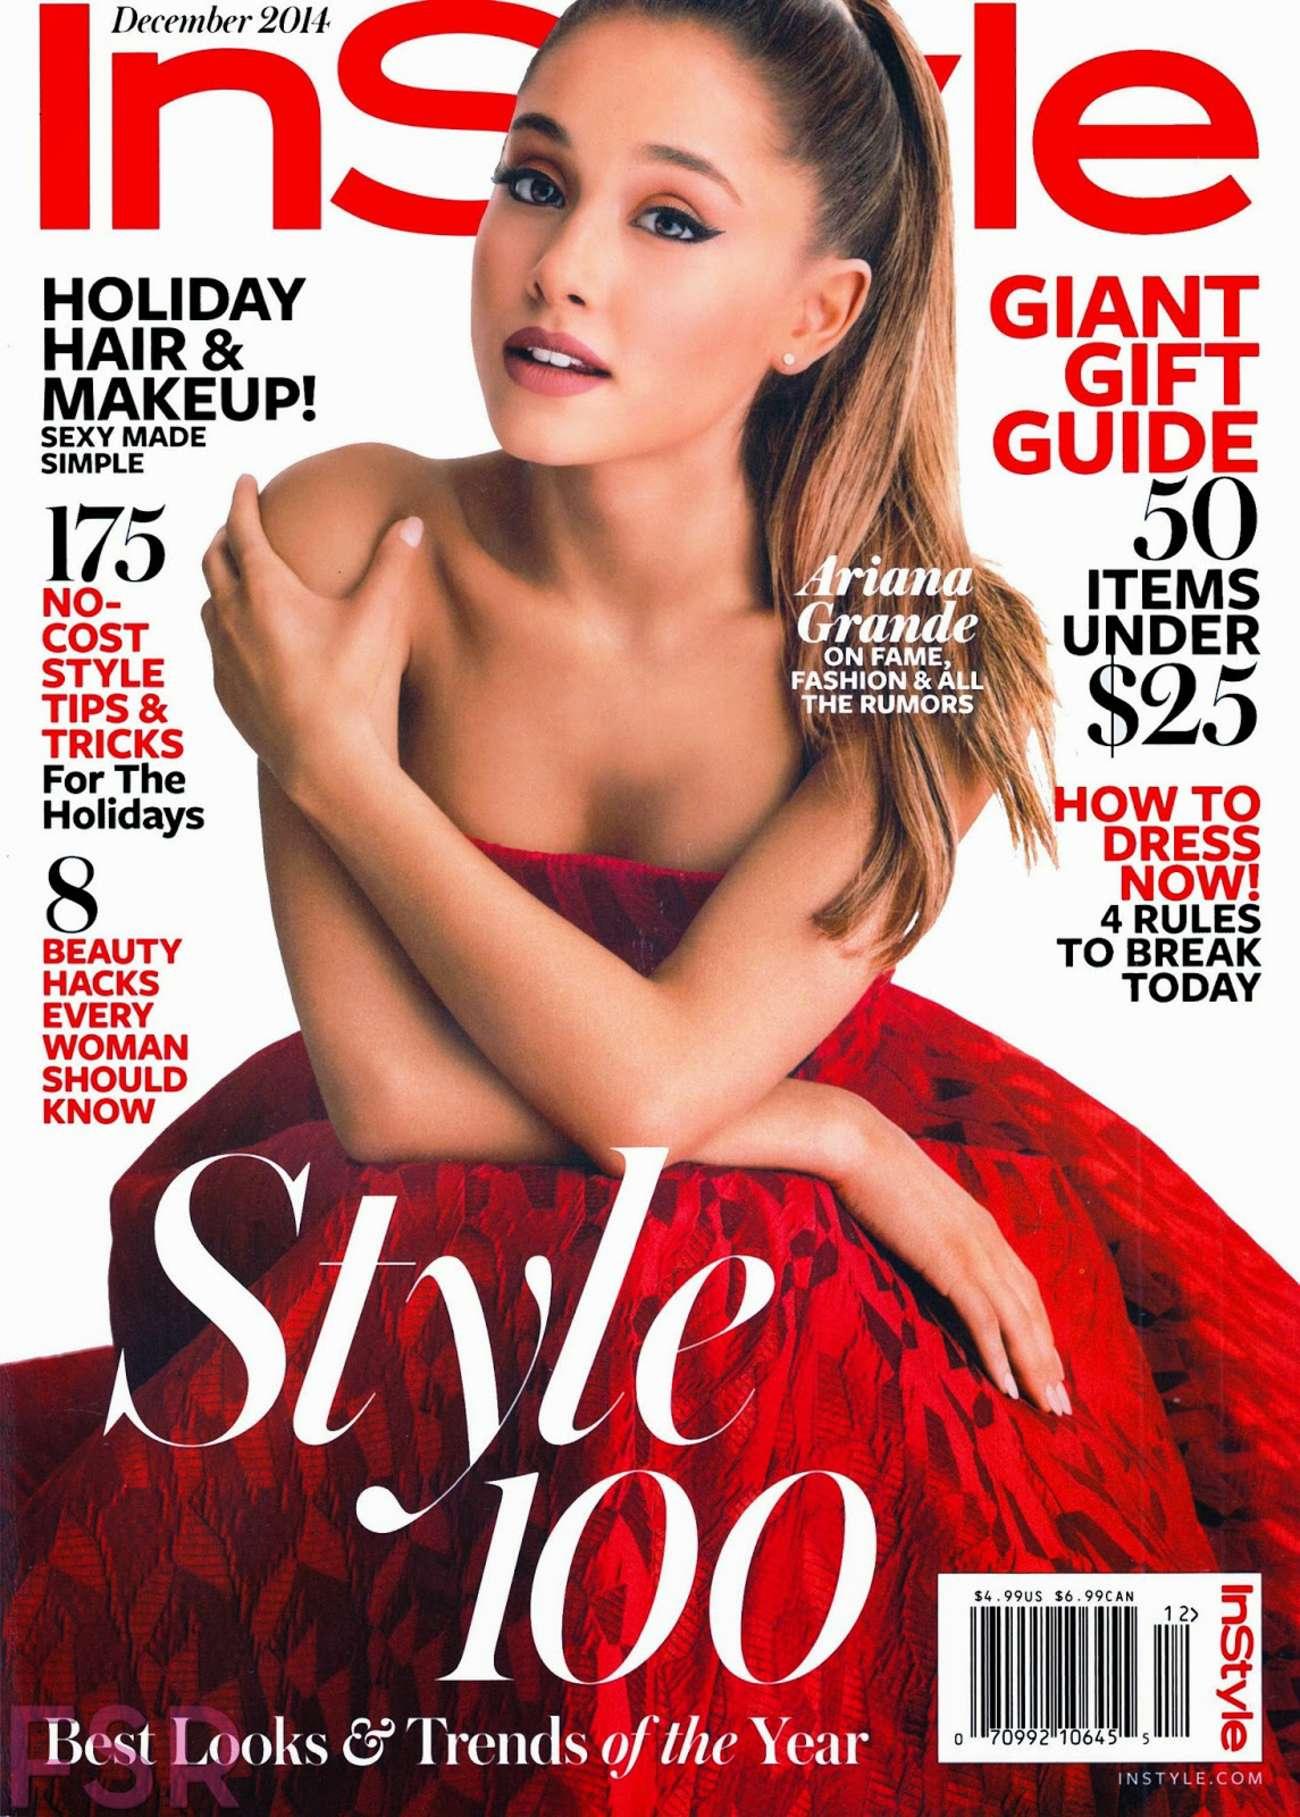 Фото на обложке журнала в подарок - оригинальный и необычный 22